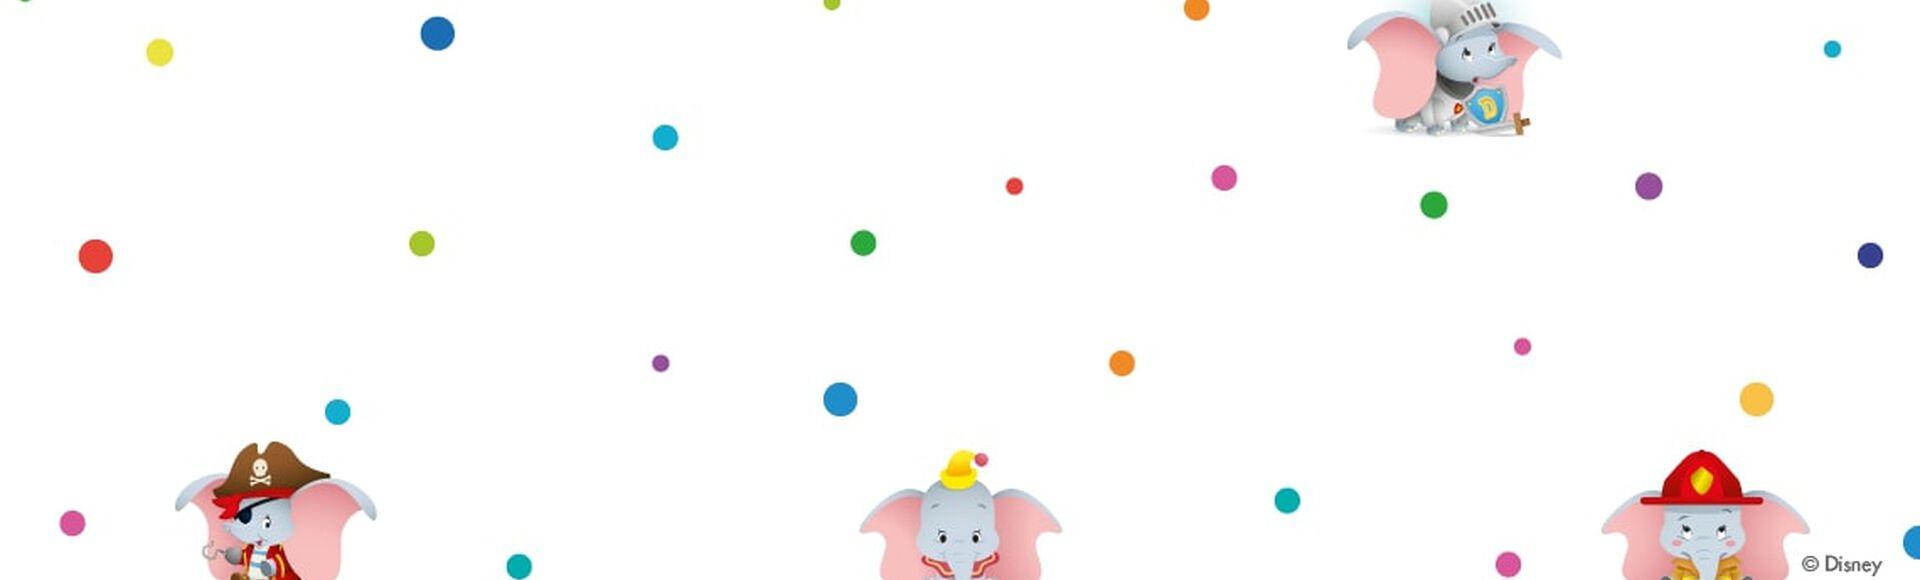 Dumbo e a sra Jumbo